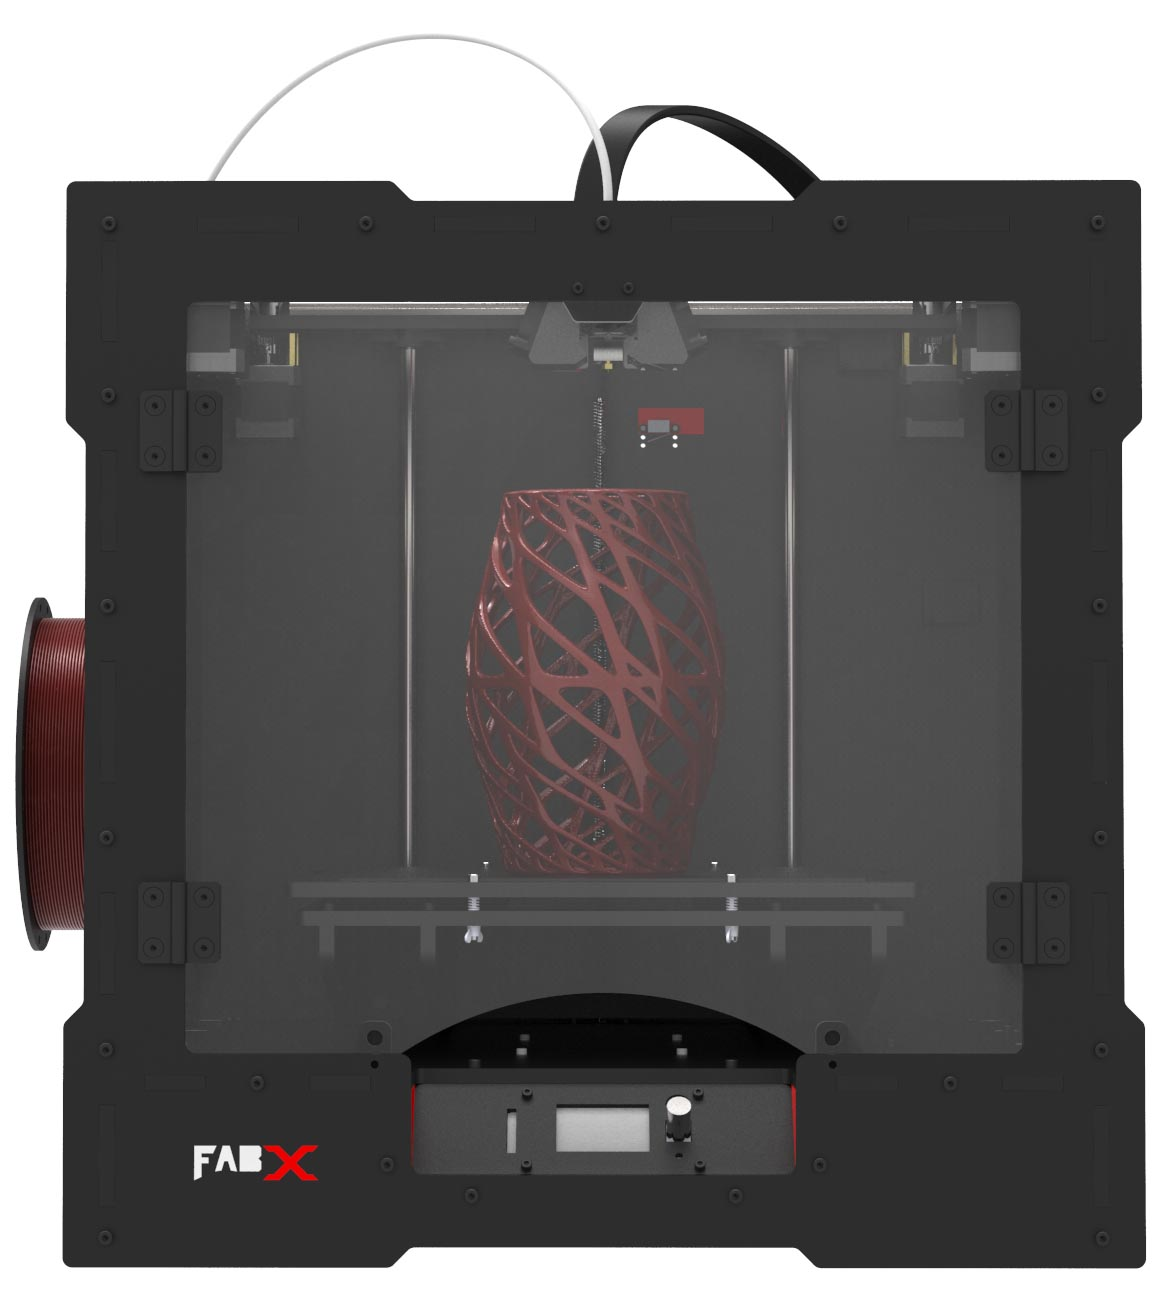 FabXL 3D Printer Arts